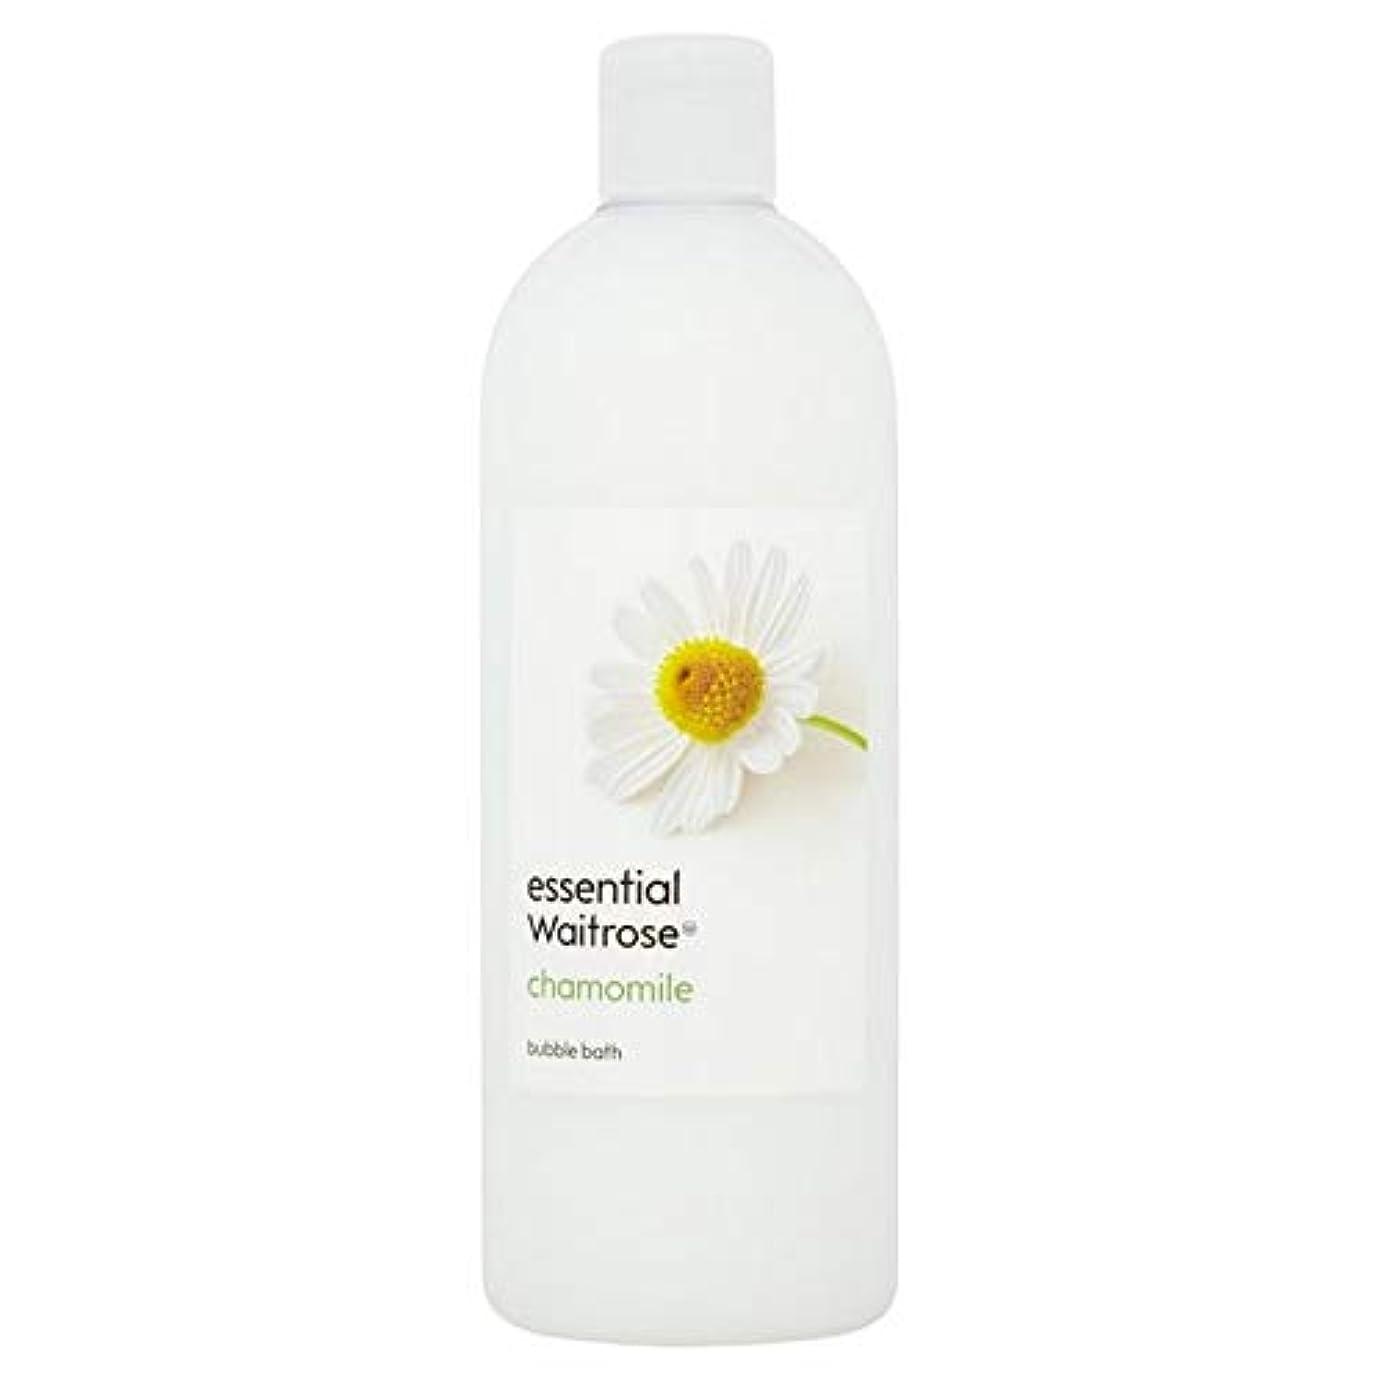 未使用害嫌がらせ[Waitrose ] 基本的なウェイトローズ泡風呂のカモミール750ミリリットル - Essential Waitrose Bubble Bath Chamomile 750ml [並行輸入品]